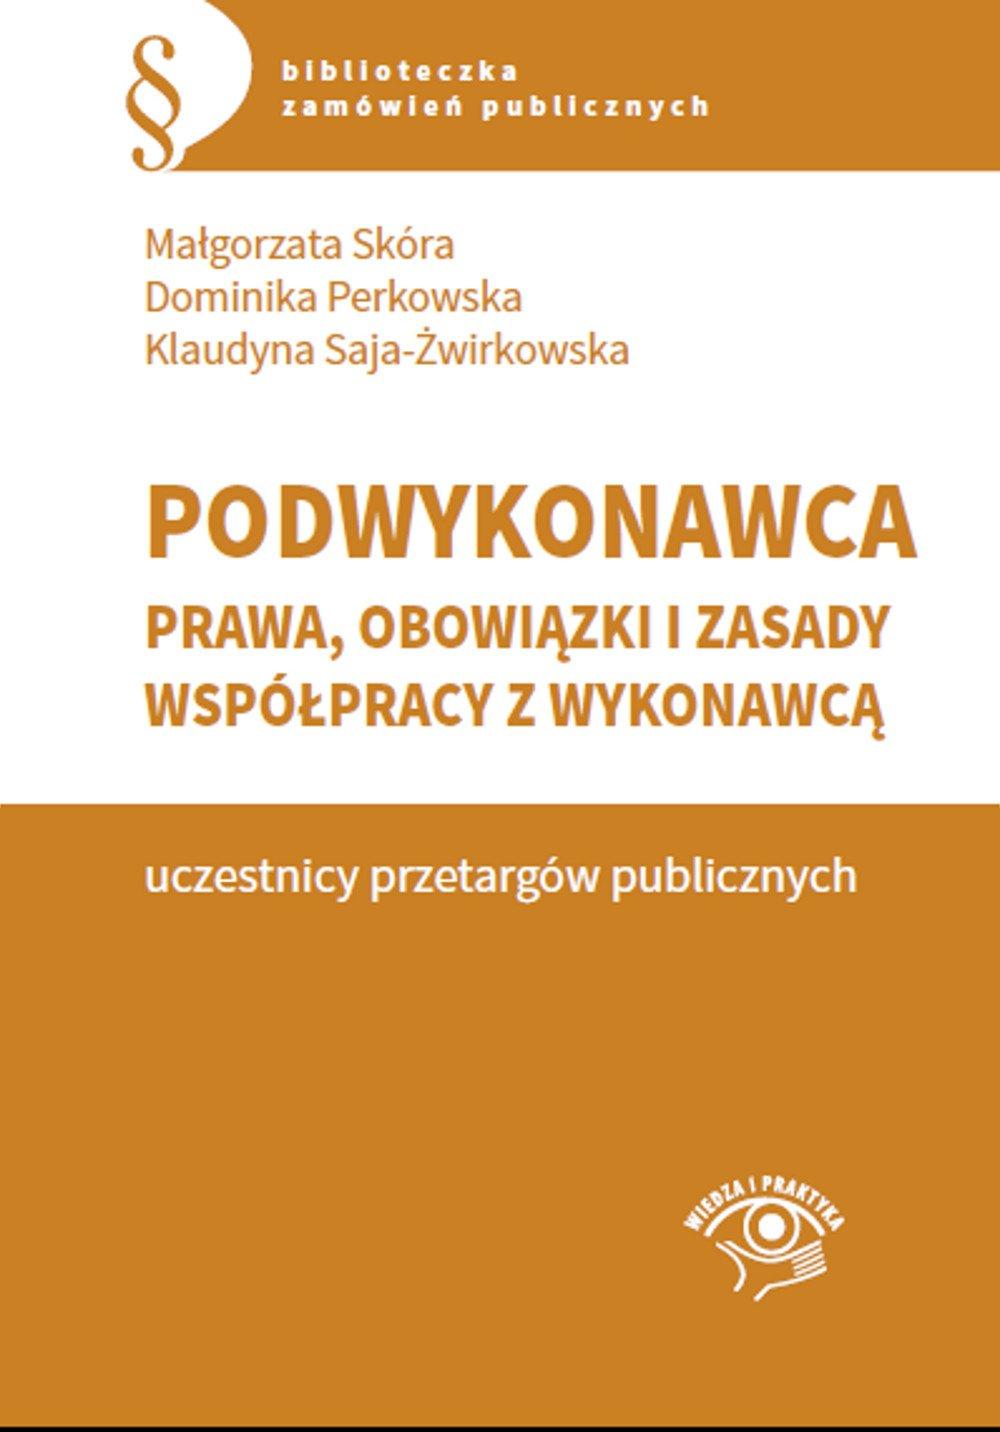 Podwykonawca – prawa, obowiązki i zasady współpracy z wykonawcą - Ebook (Książka na Kindle) do pobrania w formacie MOBI